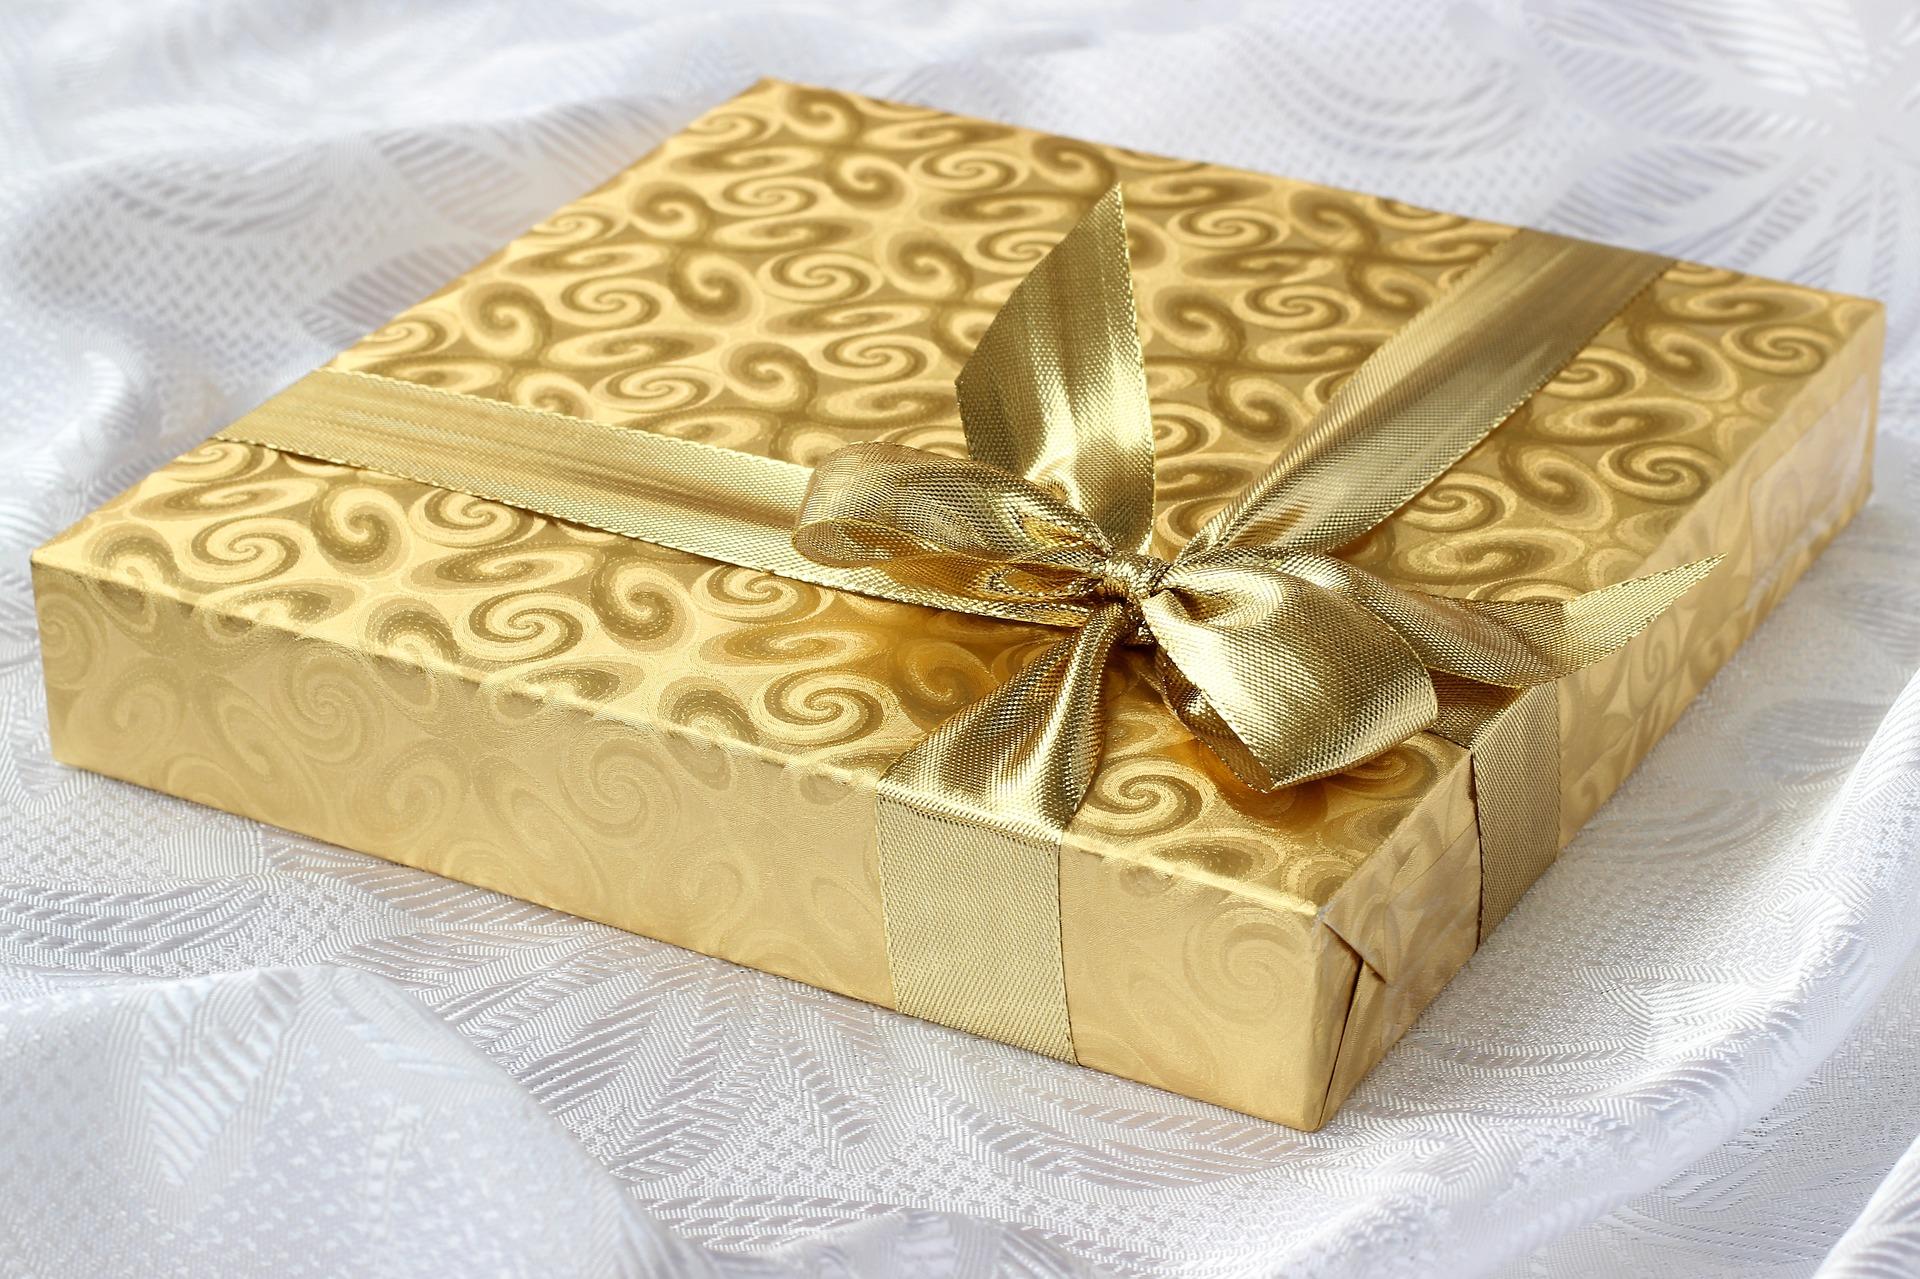 Christmas gift © JanDix   pixabay.com